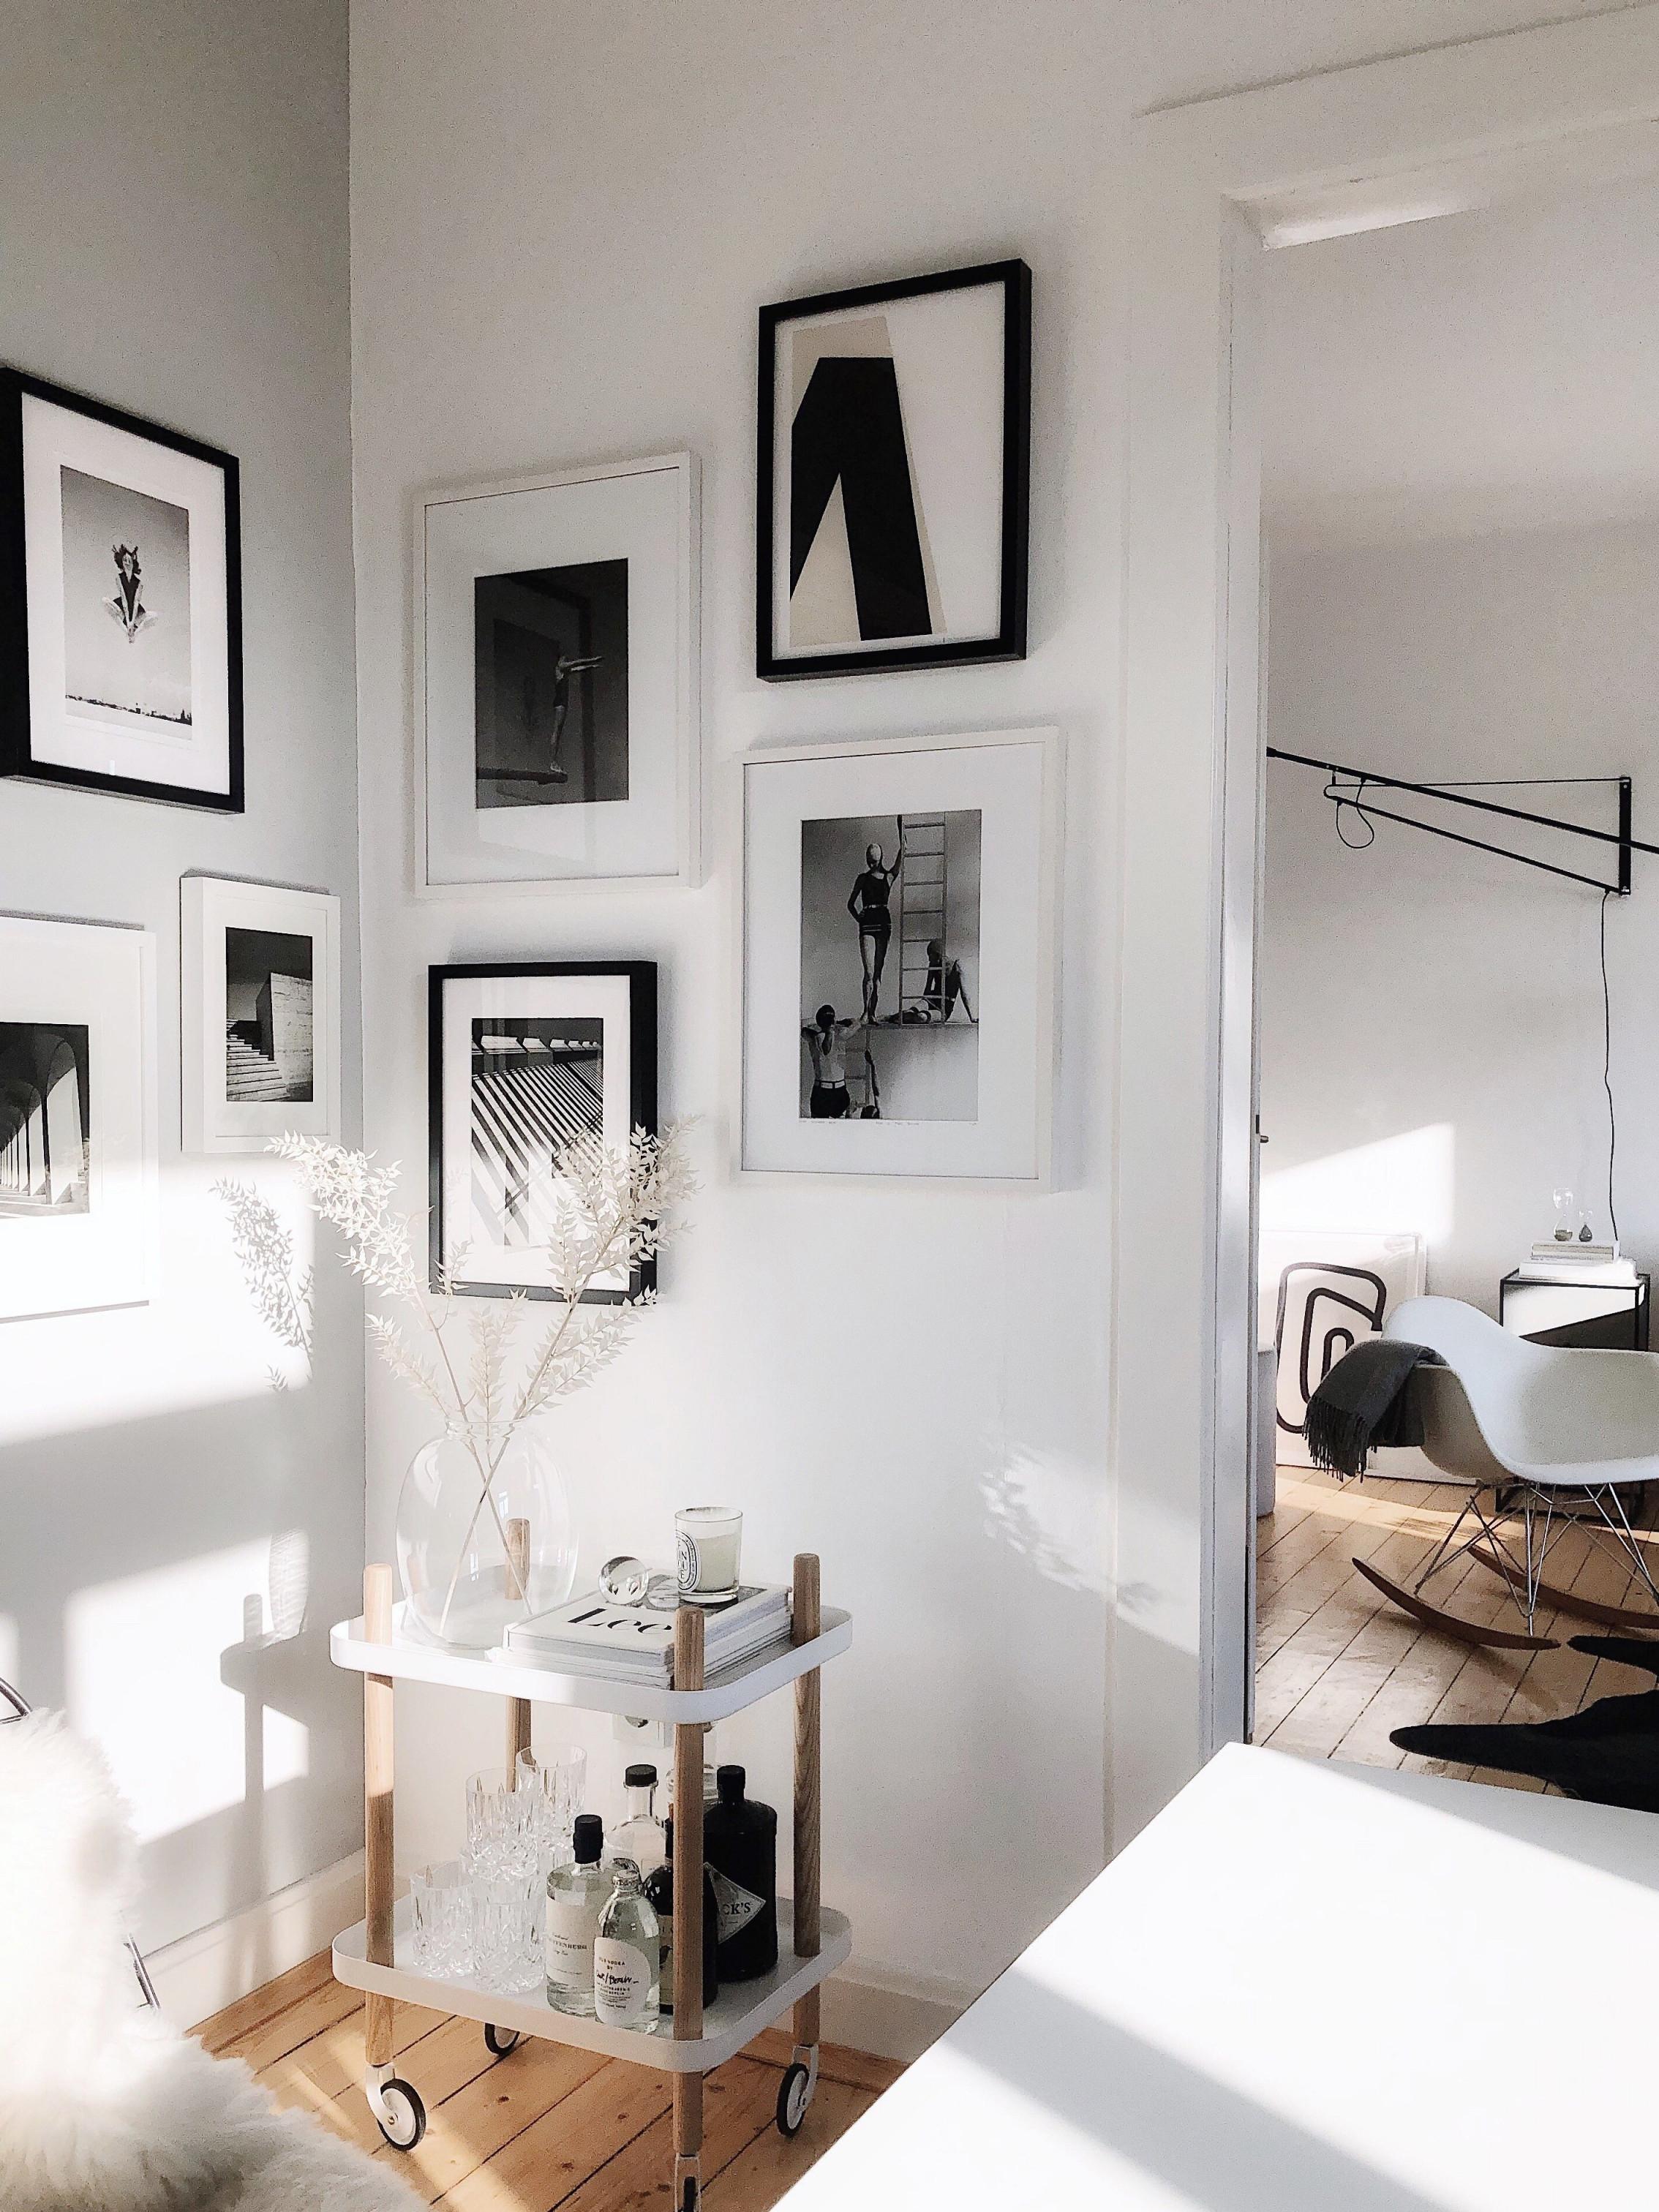 Bilder Aufhängen So Geht's Richtig  Bild Wand Schlafzimmer von Bilder Im Wohnzimmer Aufhängen Bild